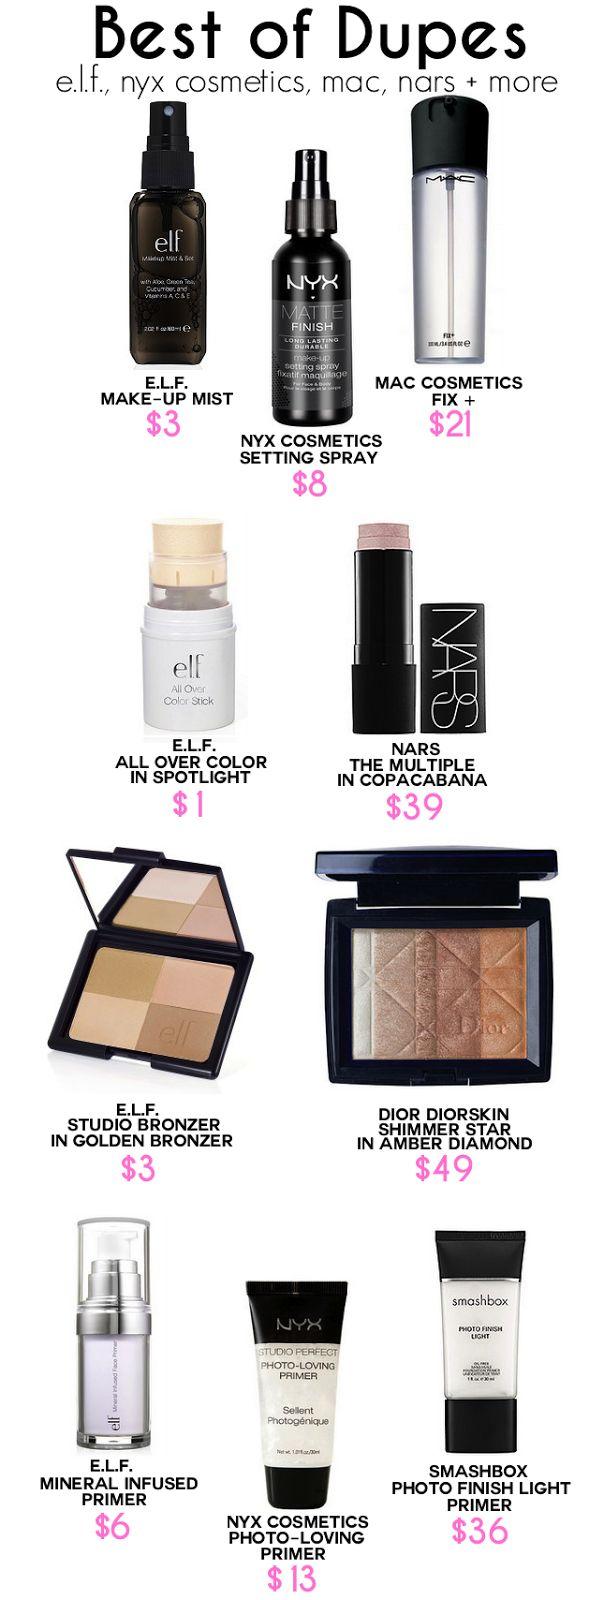 Dupe Guide, Makeup Dupes Guide, Elf Dupes, Nars Makeup Dupes, Smashbox Dupes